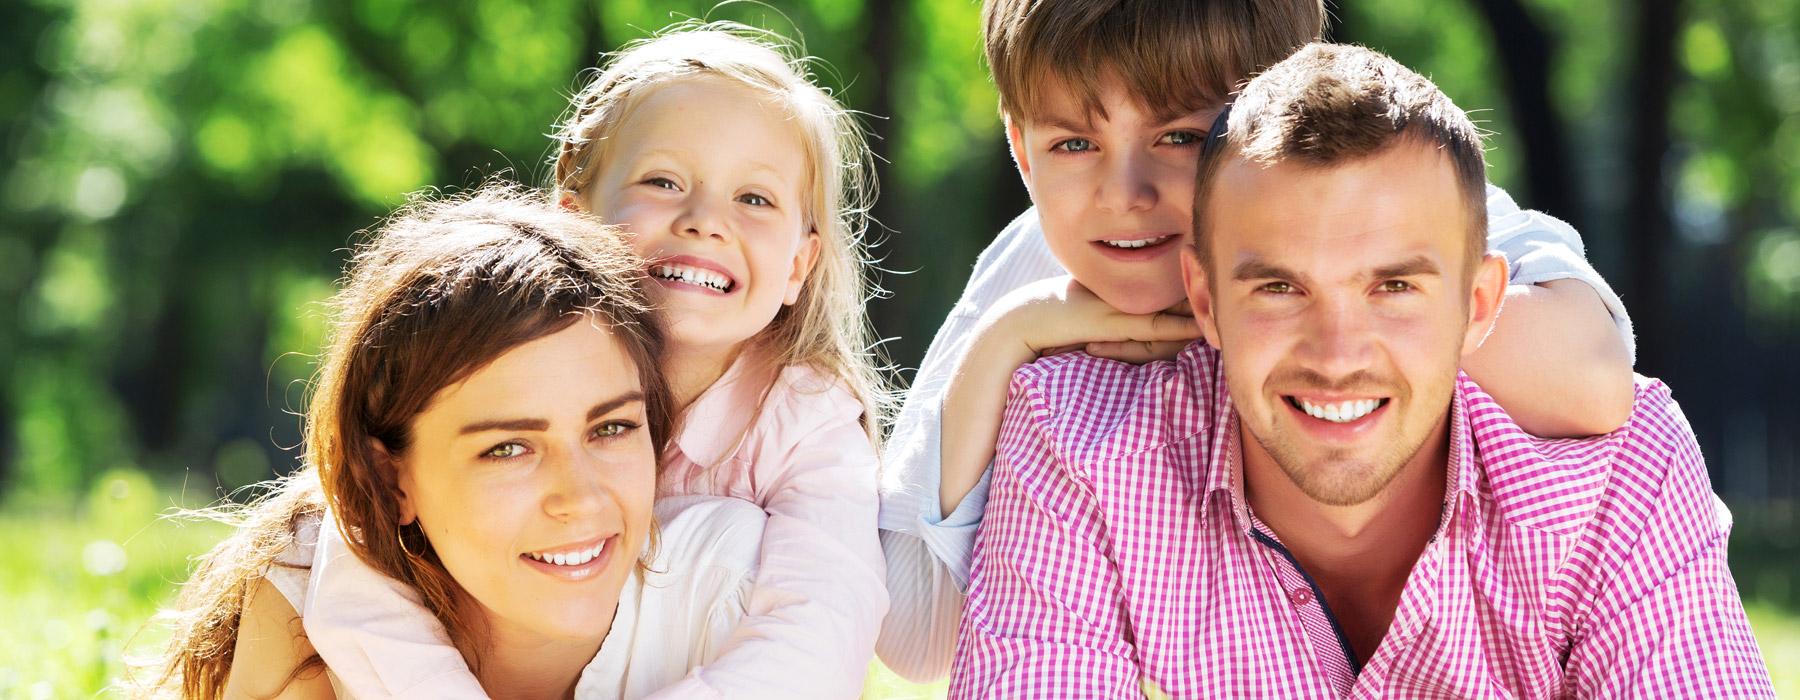 familia-feliz-sonriendo